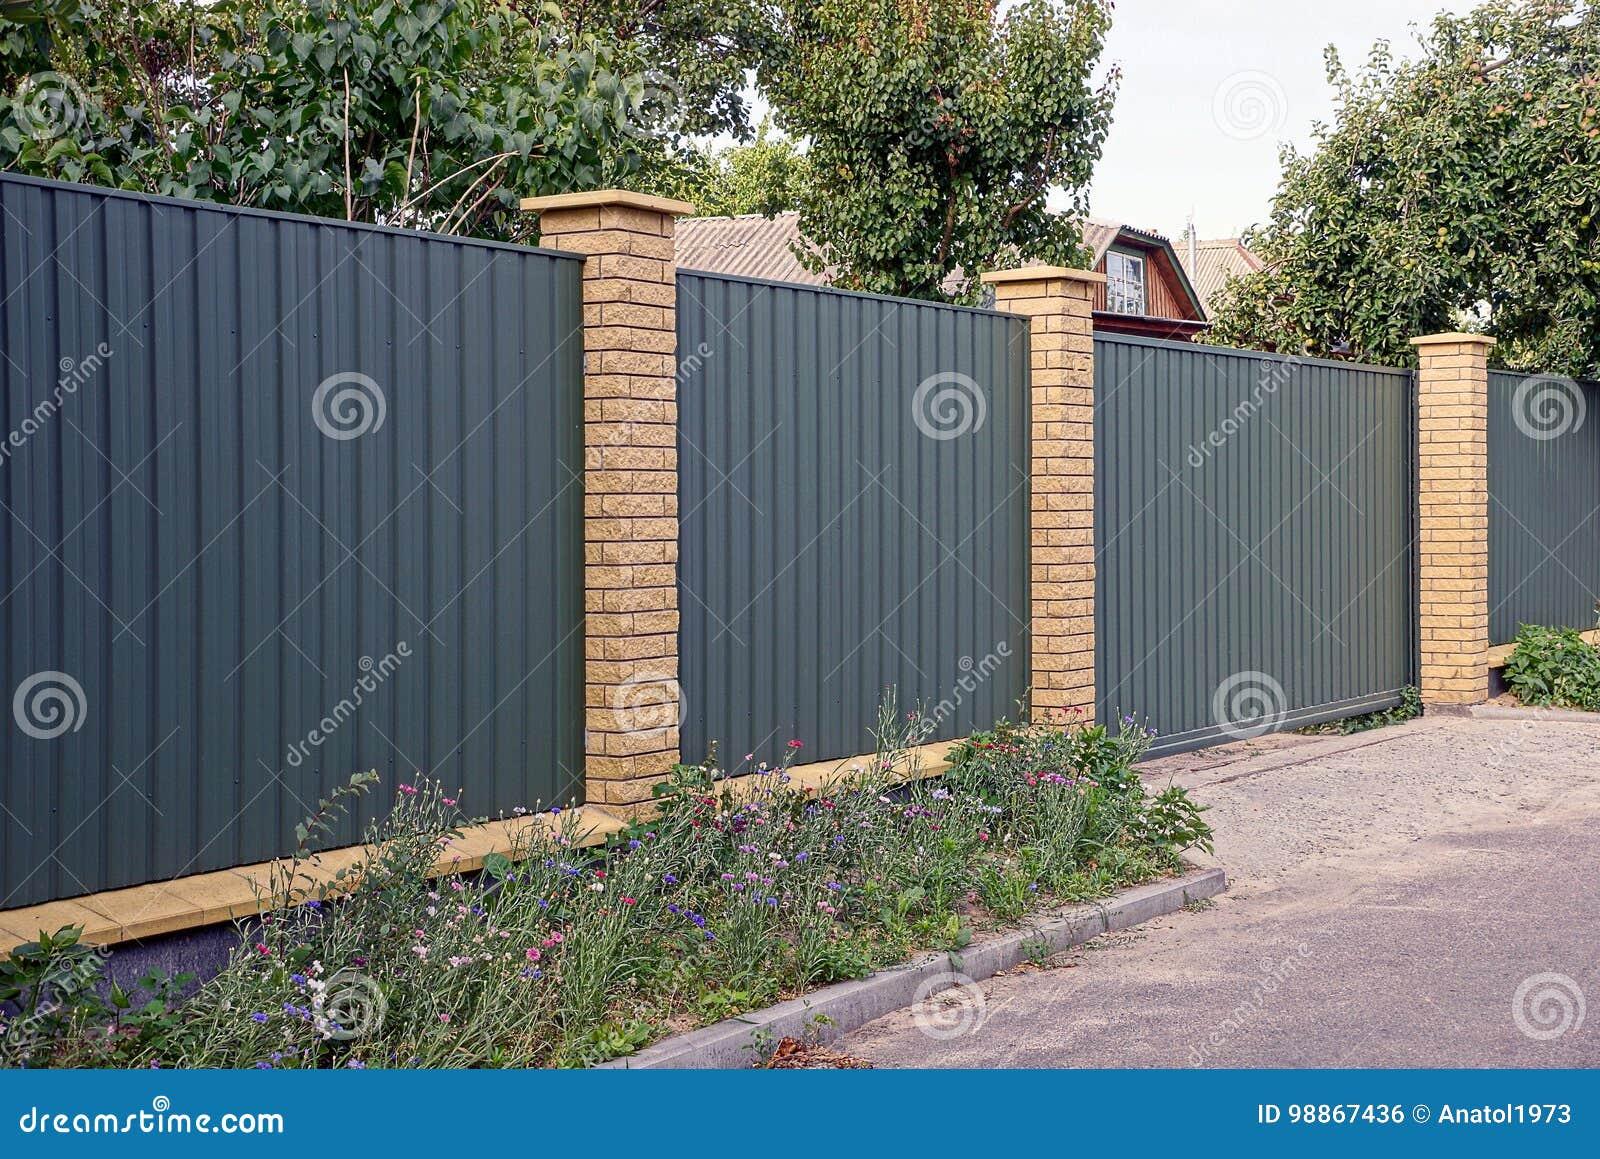 Gruner Zaun Und Tor In Der Strasse Nahe Dem Blumenbeet Nahe Der